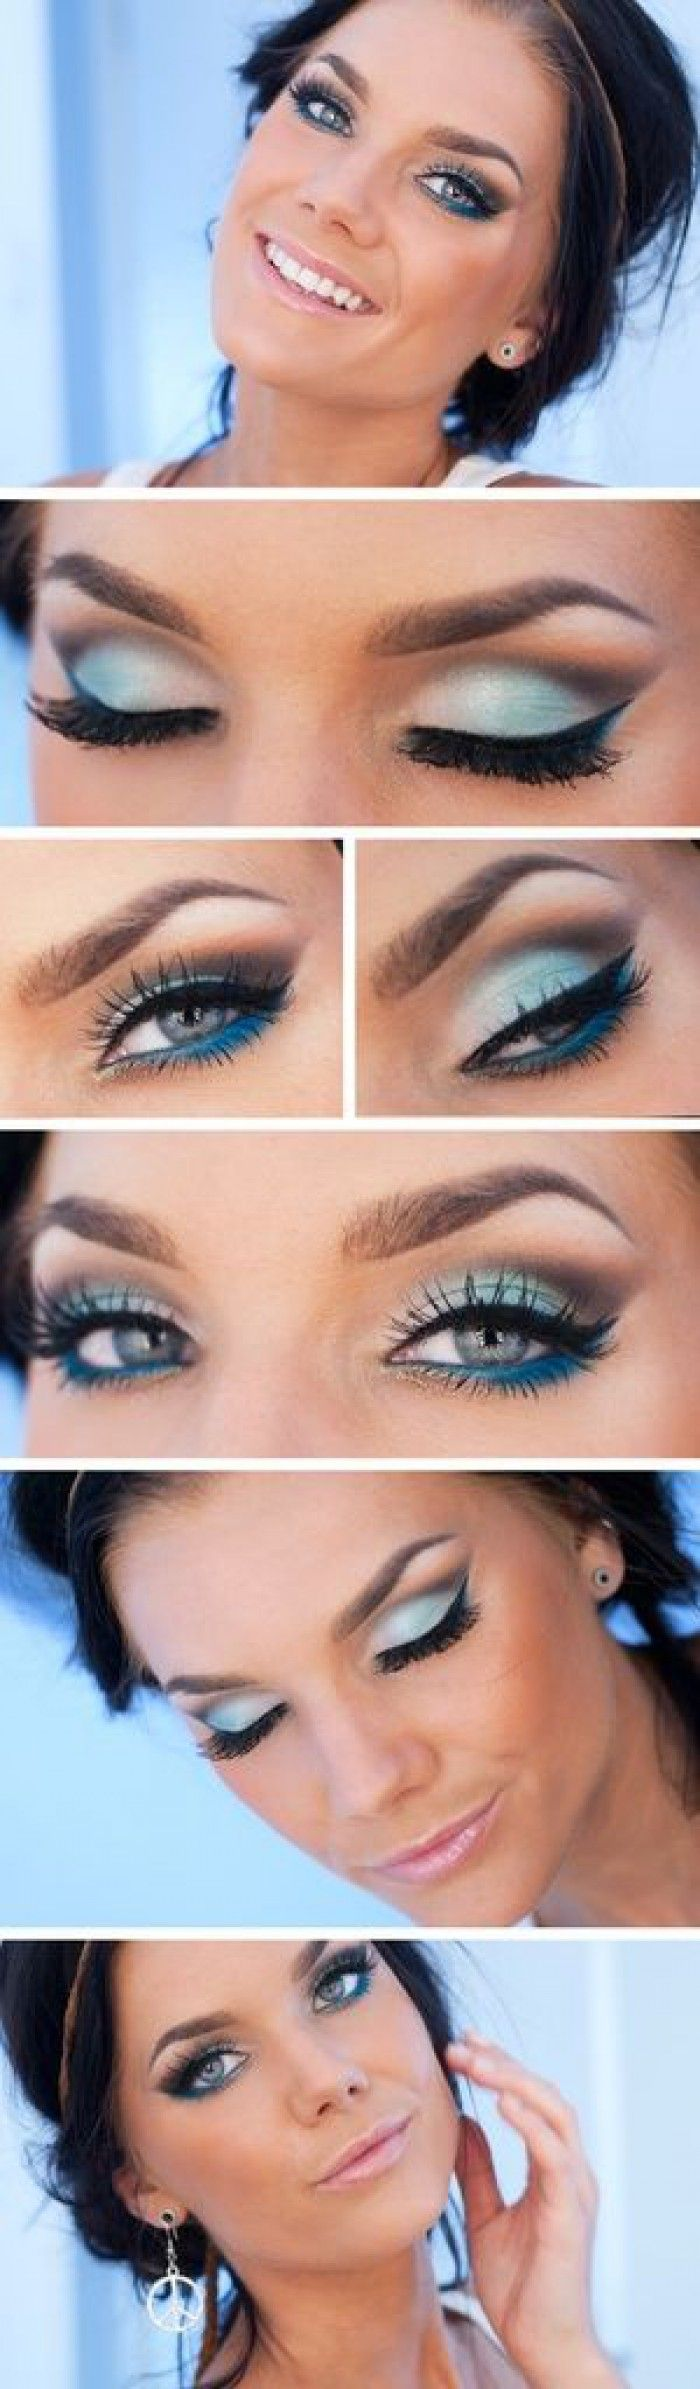 nog mooiere ogen